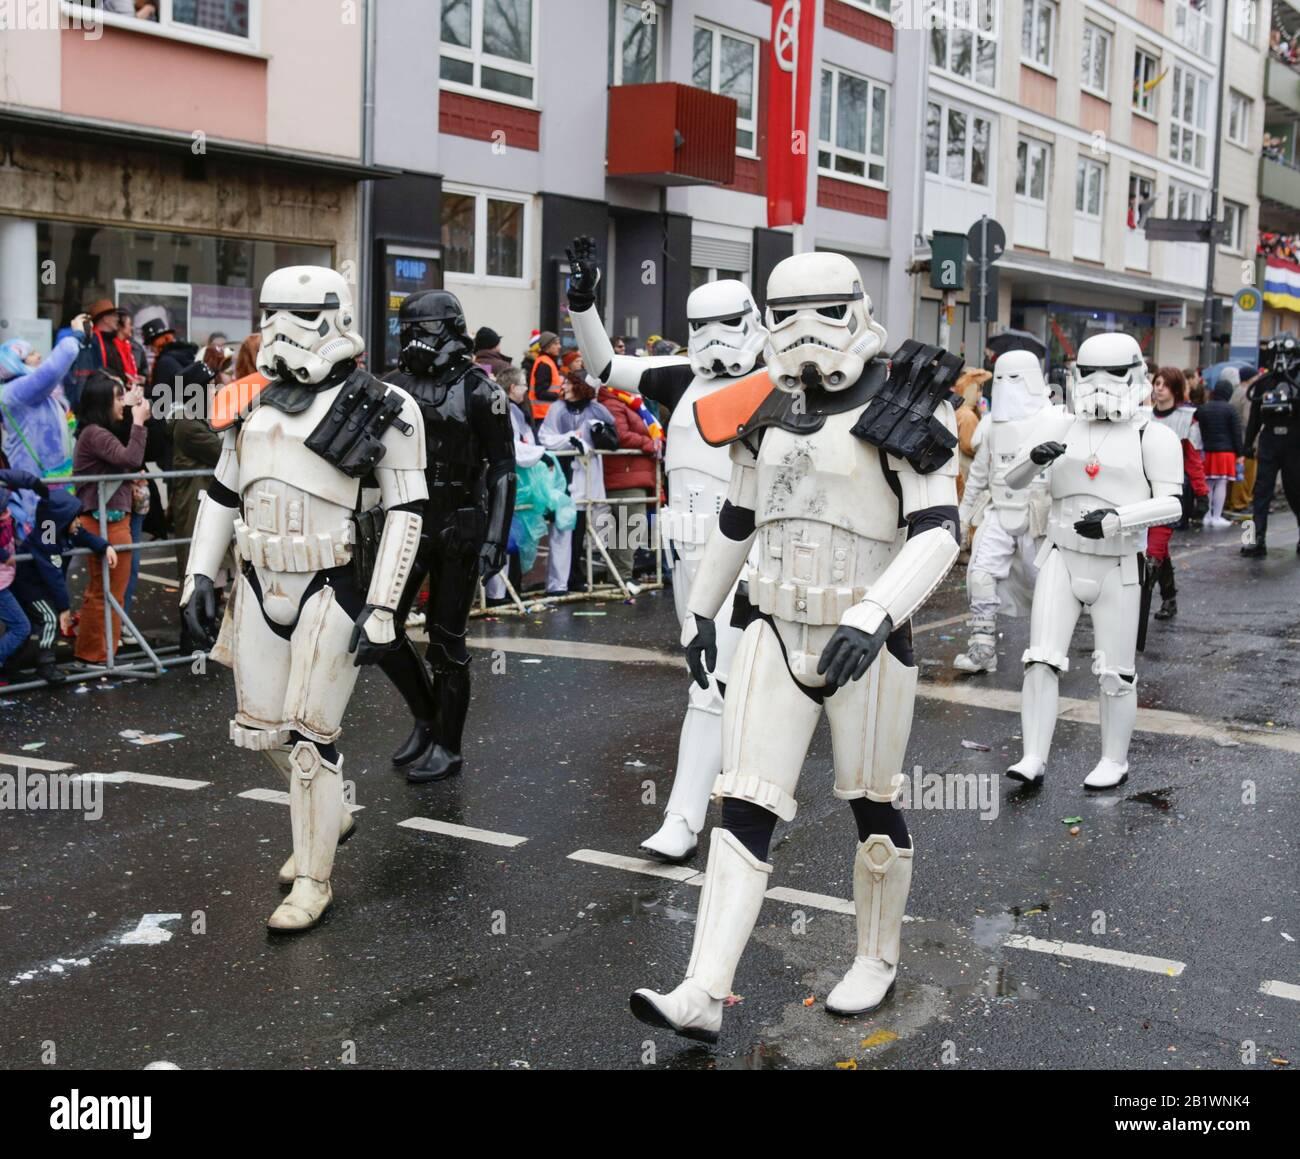 Magonza, Germania. 24th febbraio 2020. Un gruppo in Star Wars stormtroopers costumi marzo nella sfilata di Magonza Rose Lunedi. Circa mezzo milione di persone hanno fiancheggiato le strade di Magonza per la tradizionale sfilata del Carnevale di Rose Monday. La lunga sfilata di 9 km con oltre 9.000 partecipanti è una delle tre grandi Sfilate del lunedì delle Rose in Germania. Foto Stock